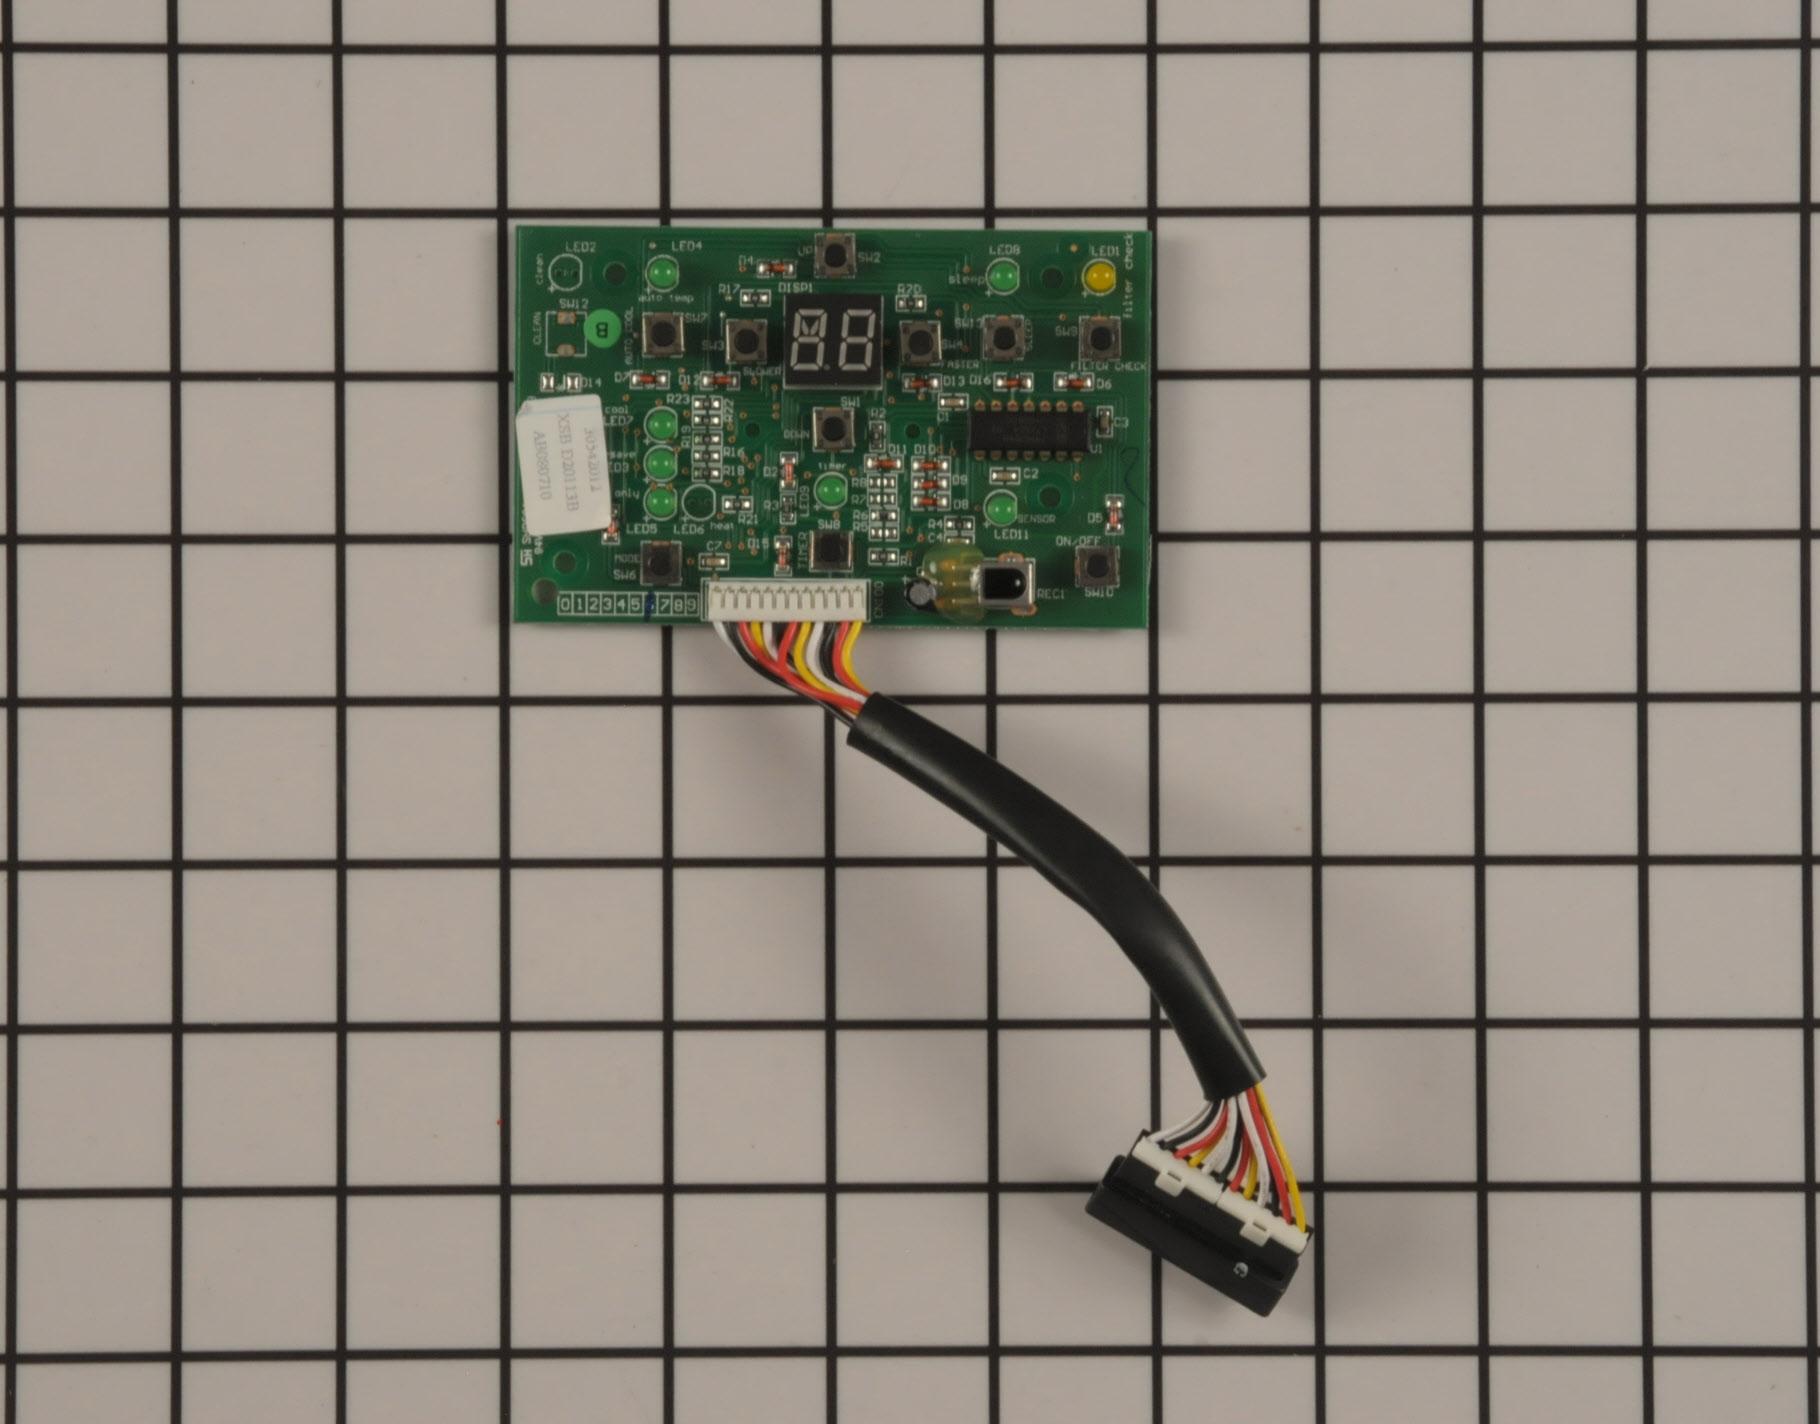 Frigidaire Air Conditioner Part # 5304459241 - Control Board